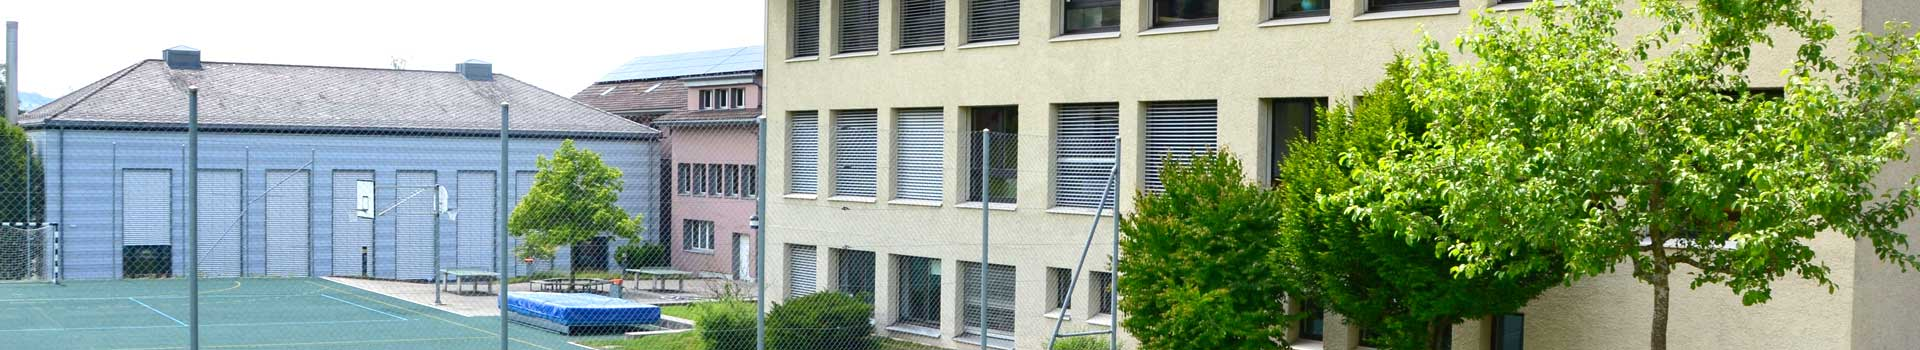 schoenengrund-primarschule-header-03.jpg